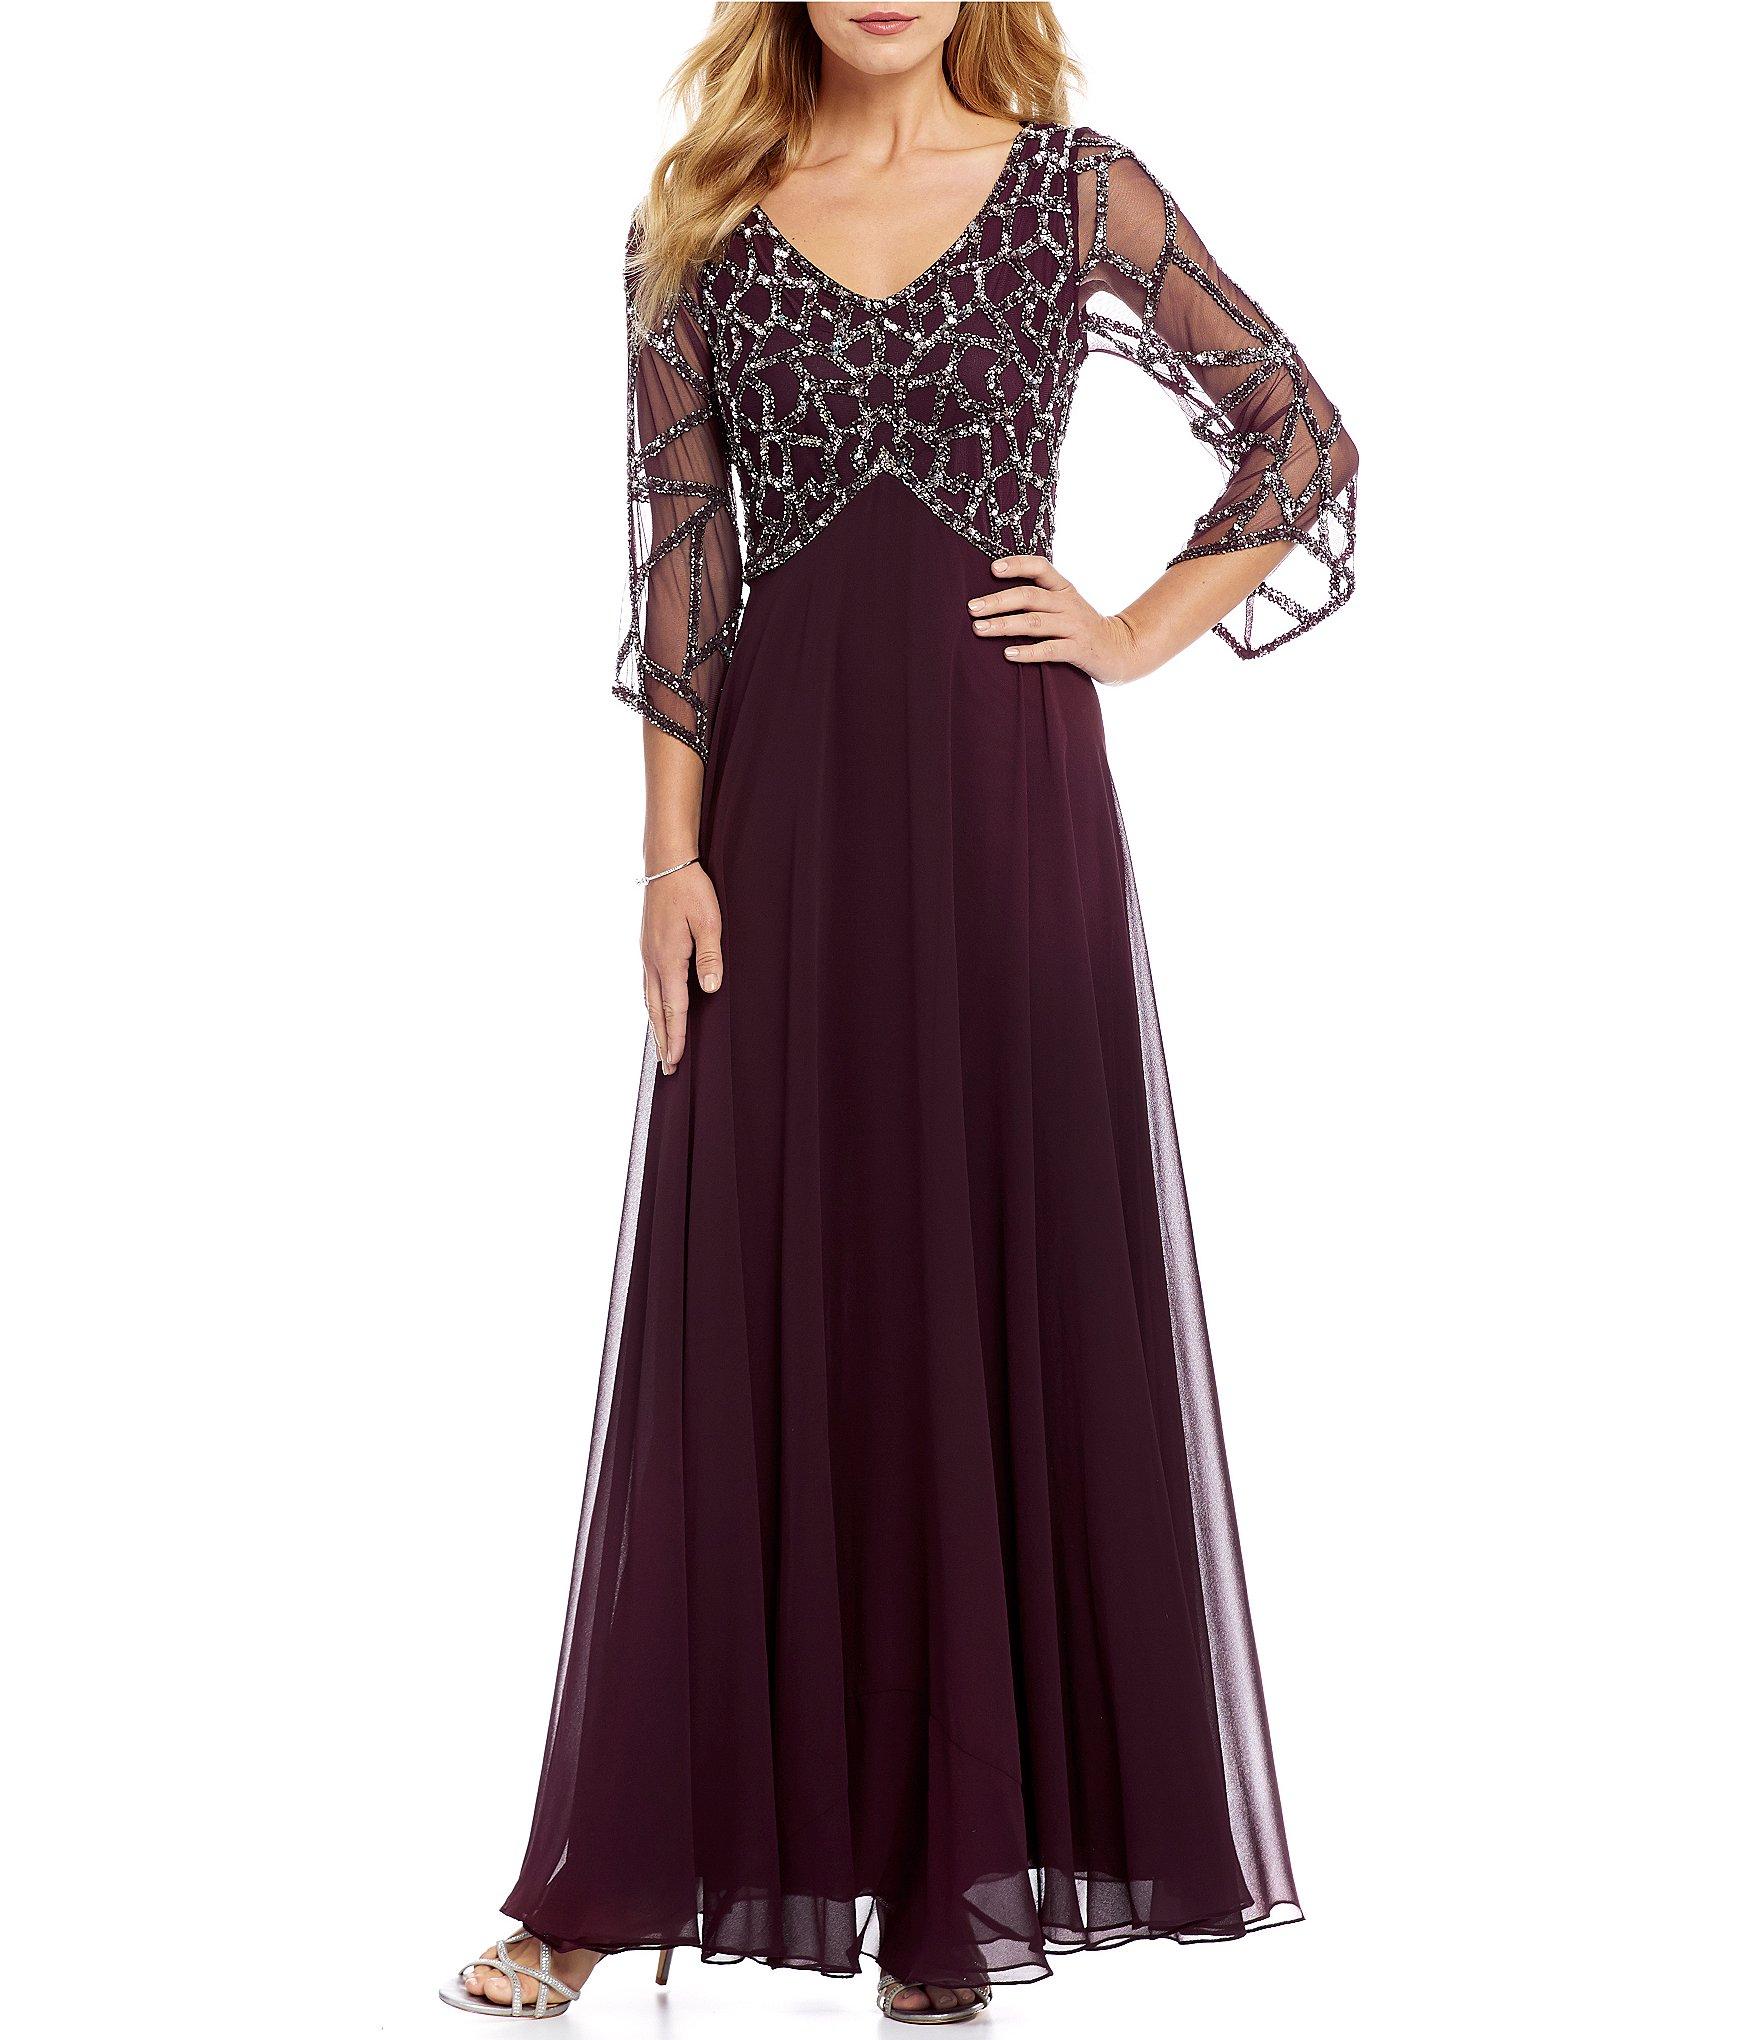 Women\'s Formal Dresses & Evening Gowns | Dillards